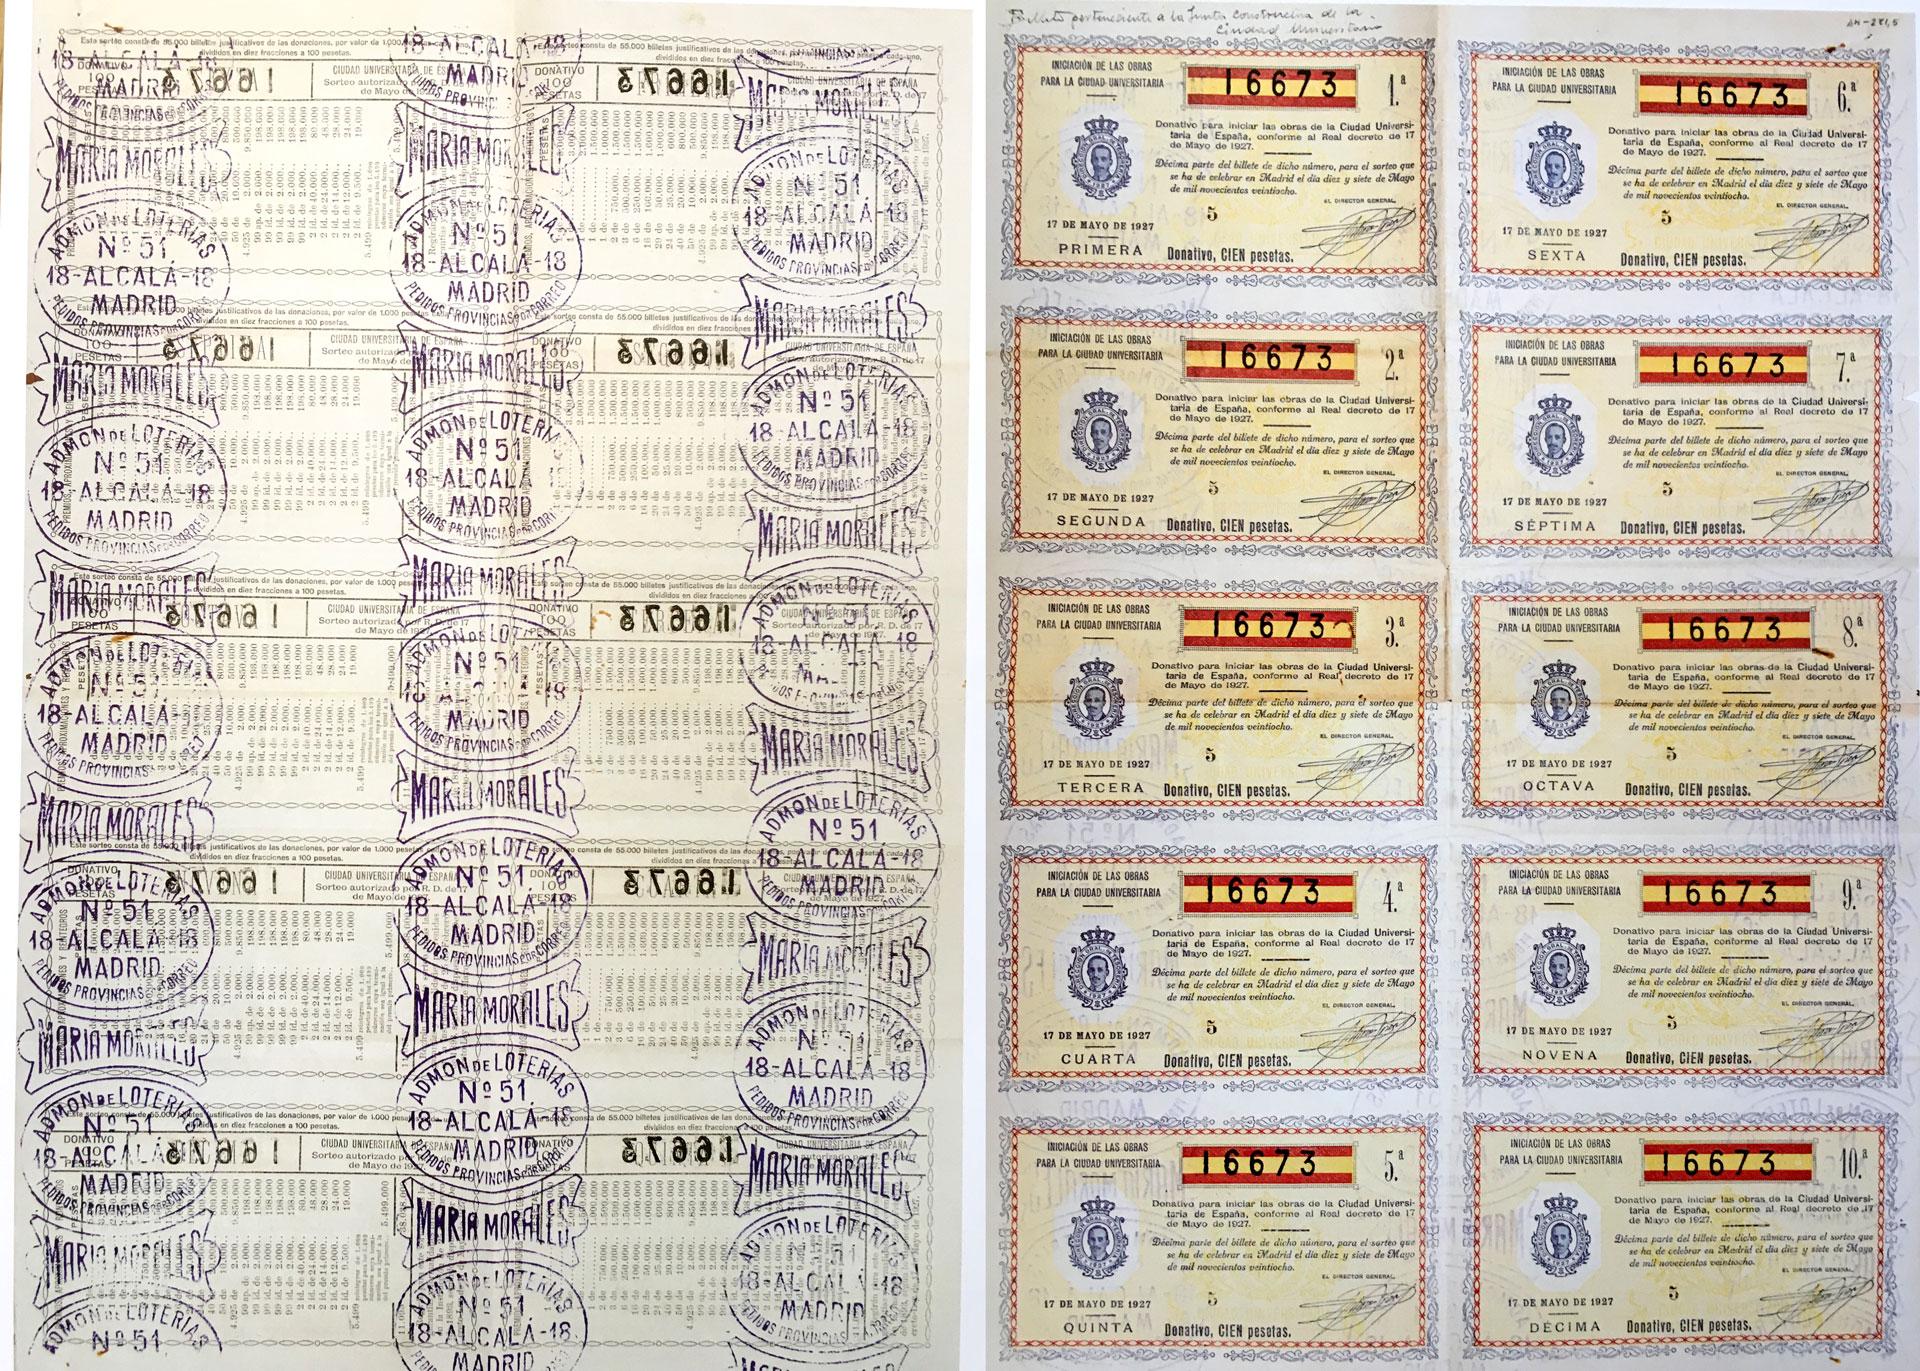 Serie de billetes de lotería para la iniciación de las obras de Ciudad Universitaria. 17 de mayo de 1928